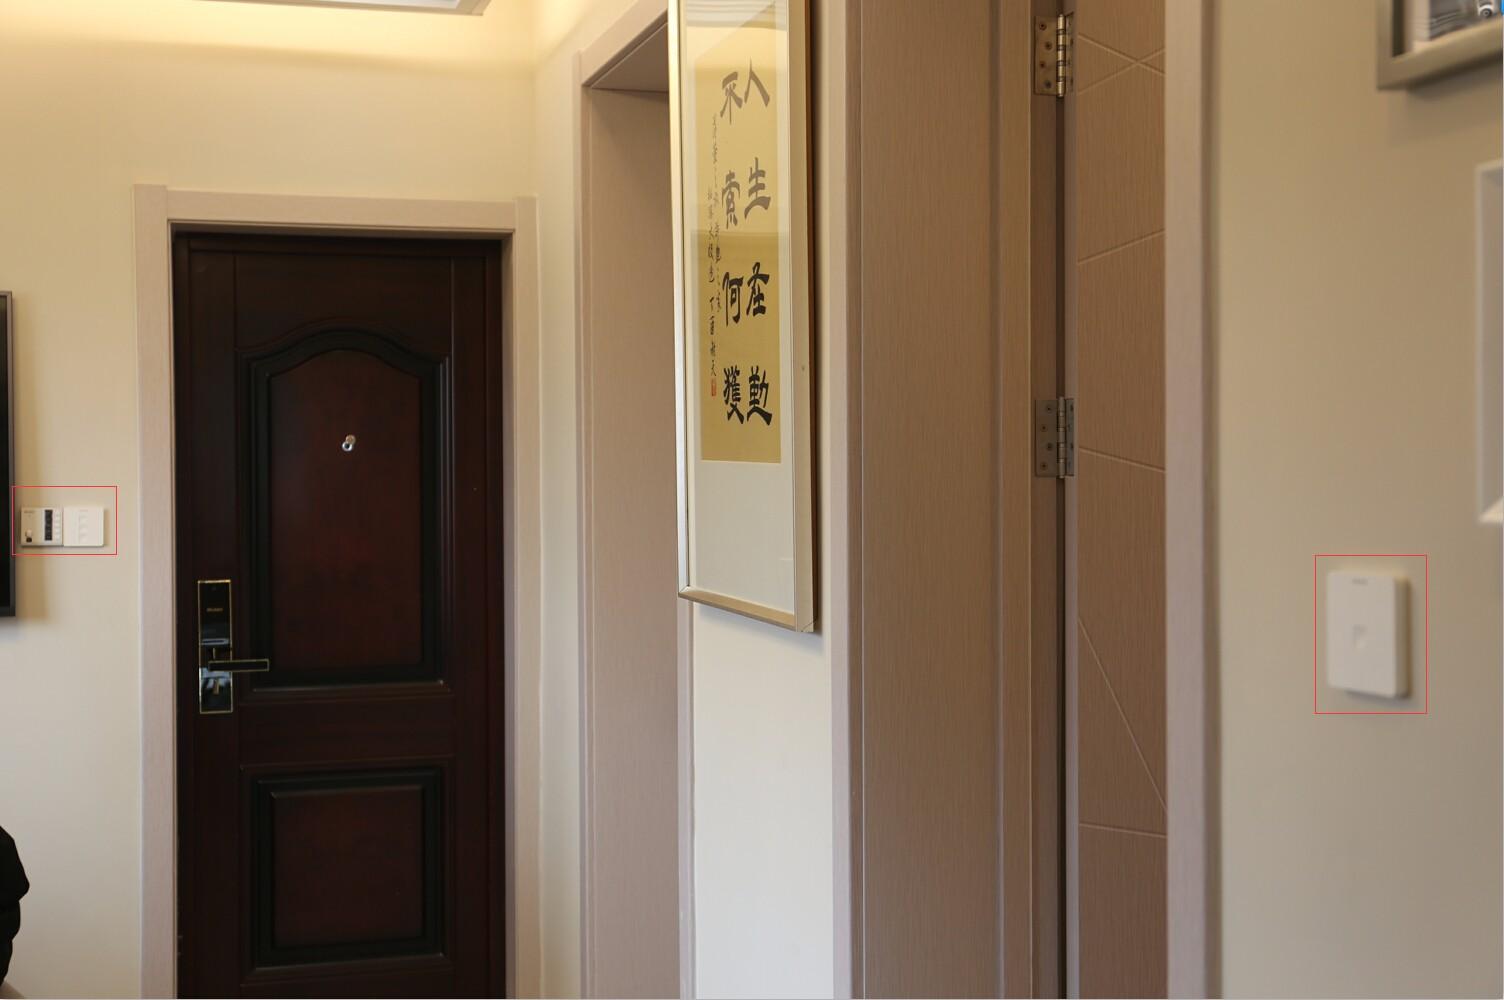 央视秘密大改造榜样人物许艳,南京物联(WULIAN)智能家居全力打造智慧家庭生活15.jpg